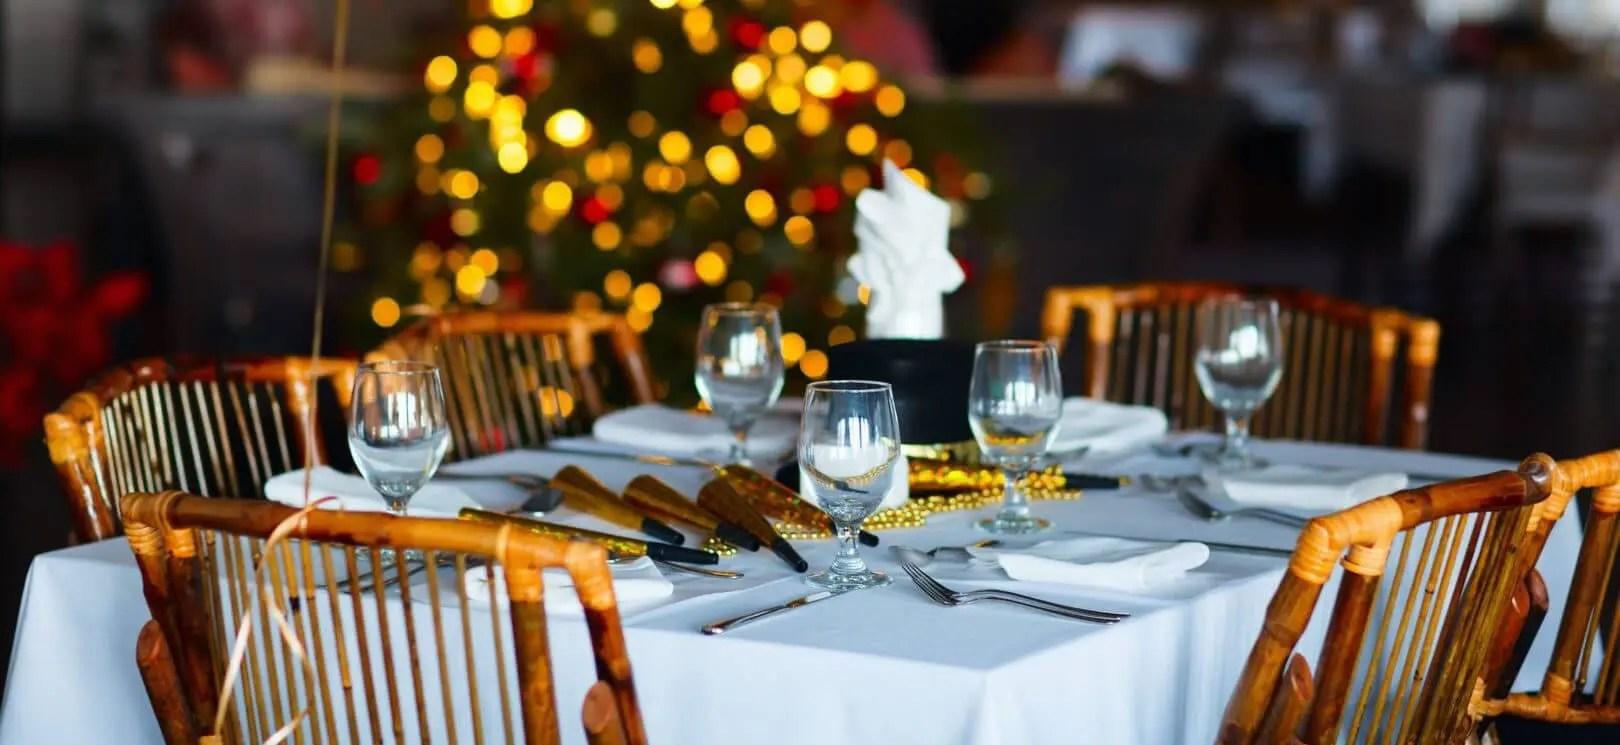 NJ Restaurants Open on Christmas - Best of NJ: The Best of NJ, All ...